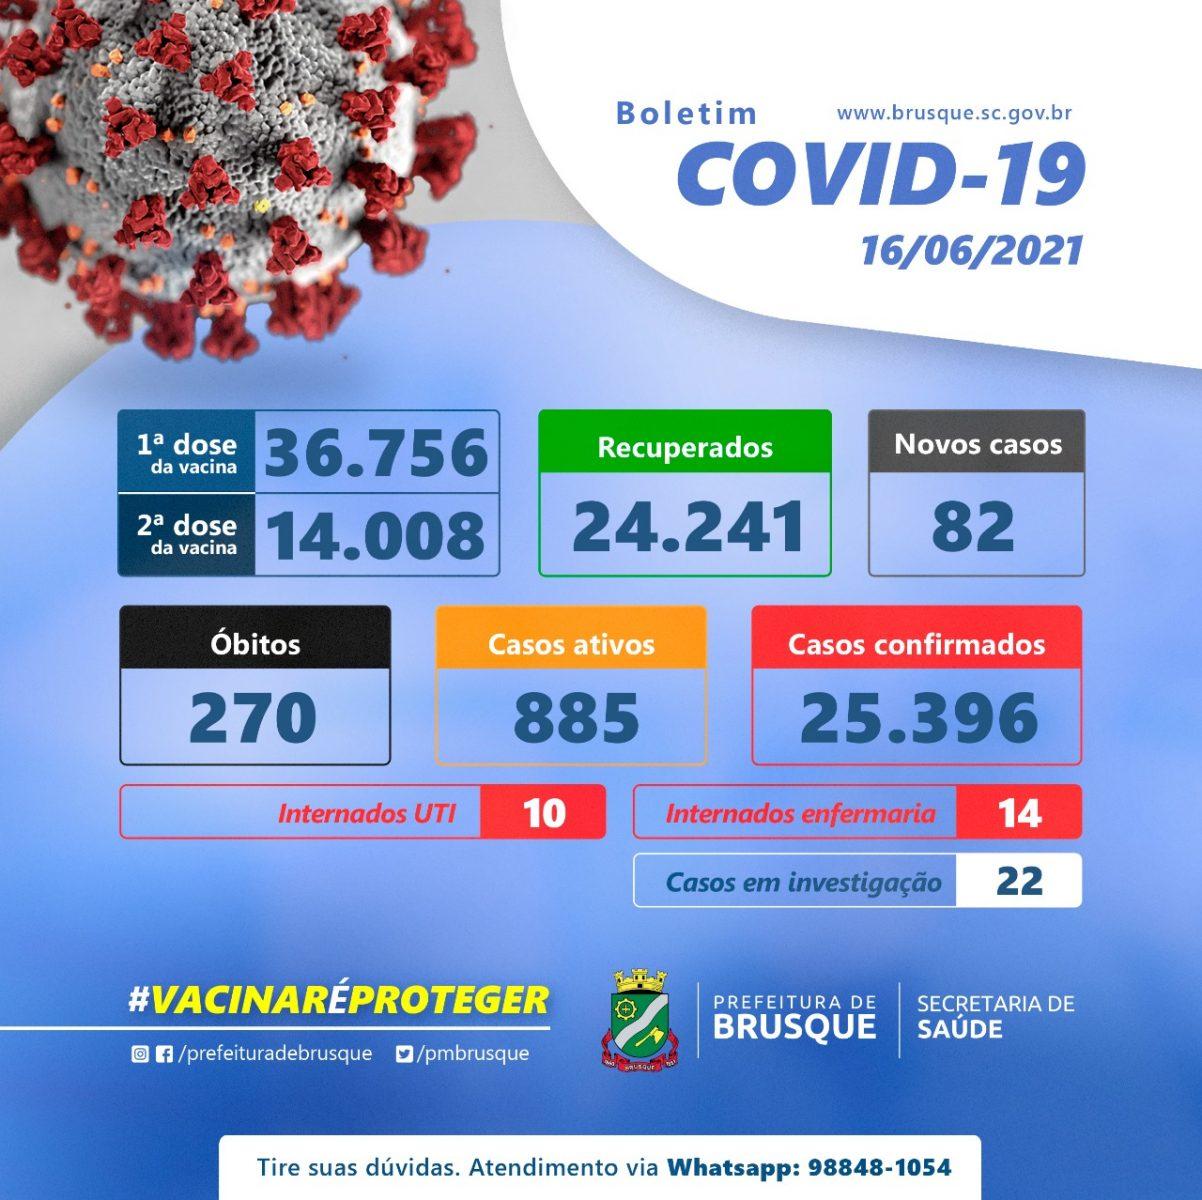 Covid-19: Confira o boletim epidemiológico desta quarta-feira (16)